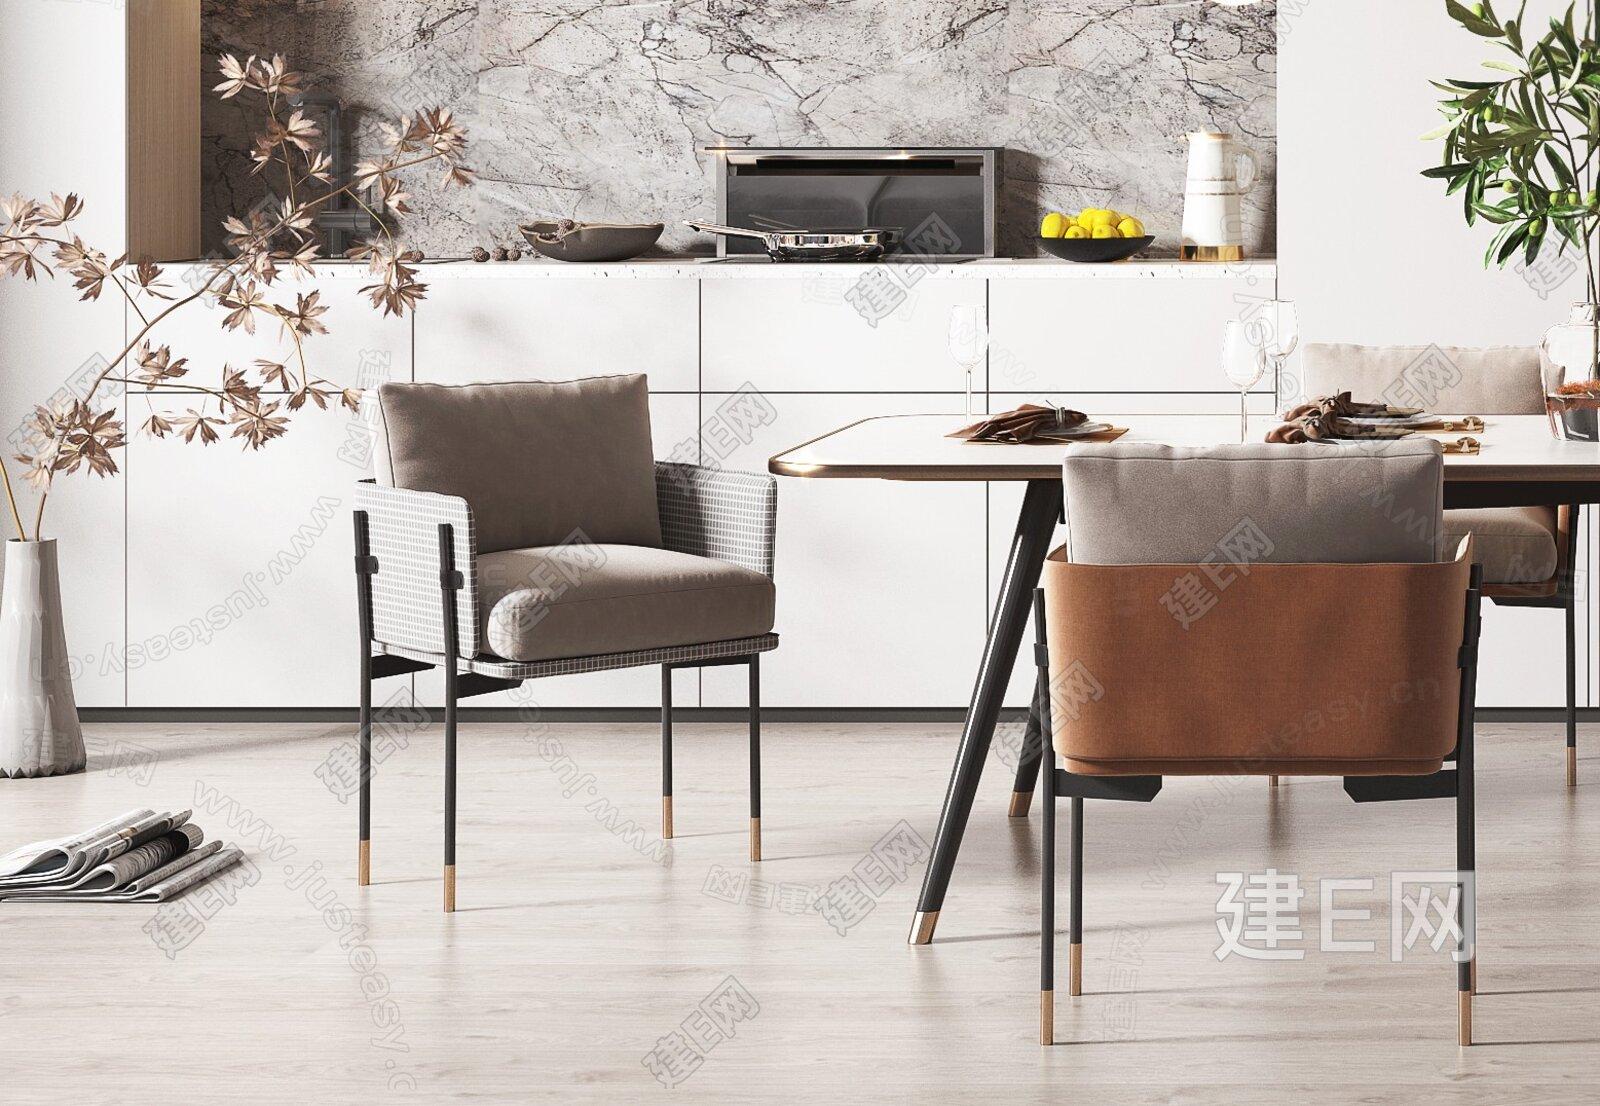 现代轻奢餐厅3d模型